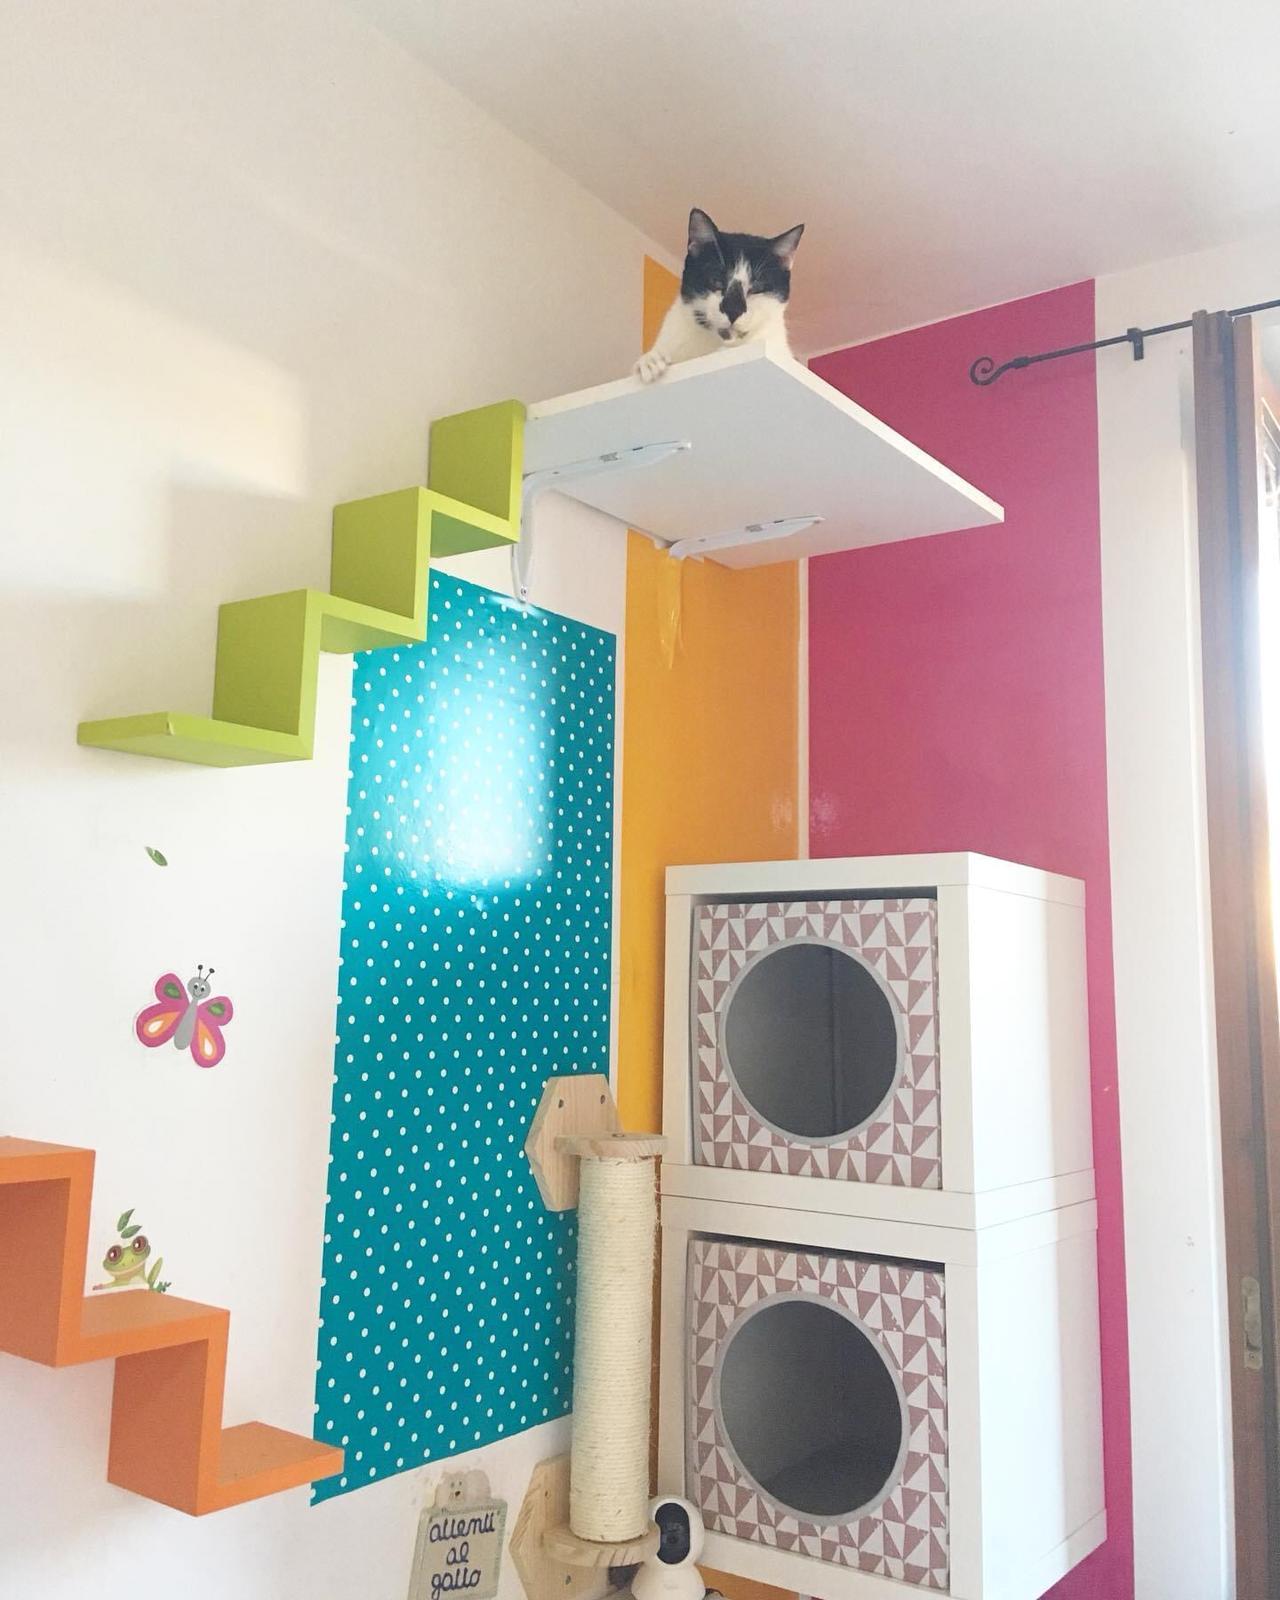 arricchimento ambientale percorsi gatti 5